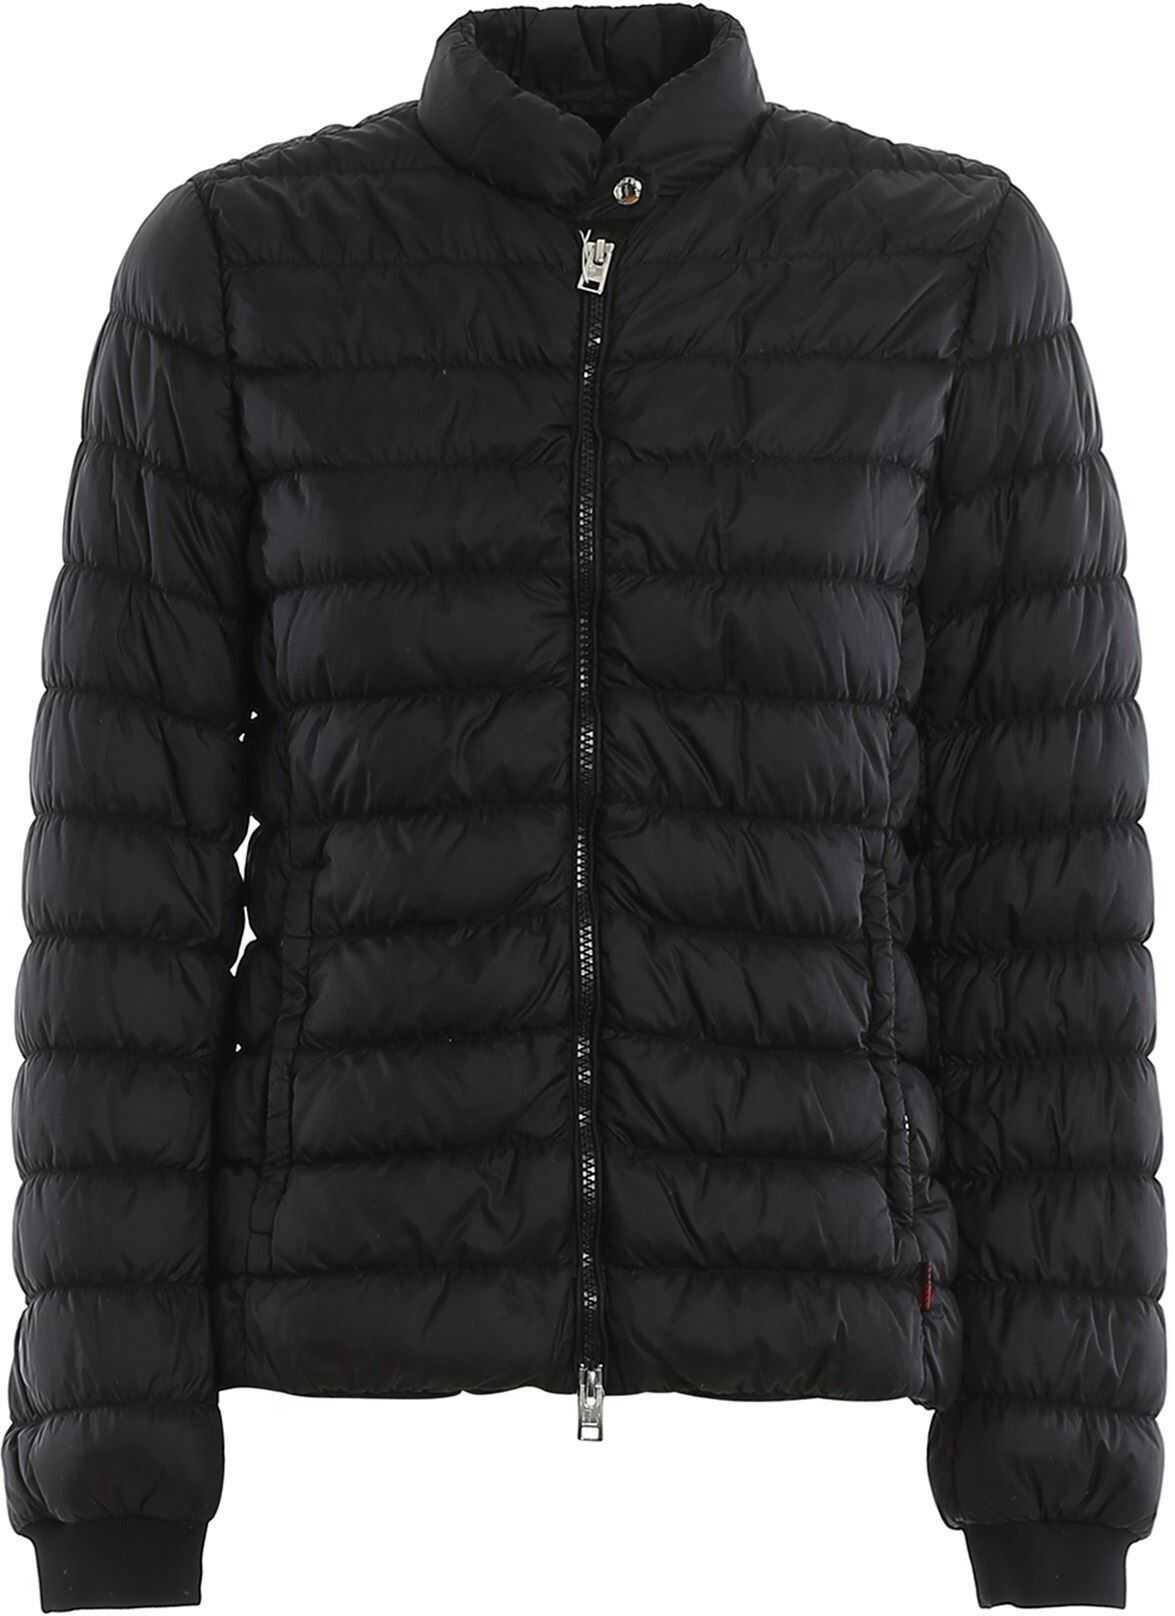 Woolrich Mayflower Puffer Jacket Black